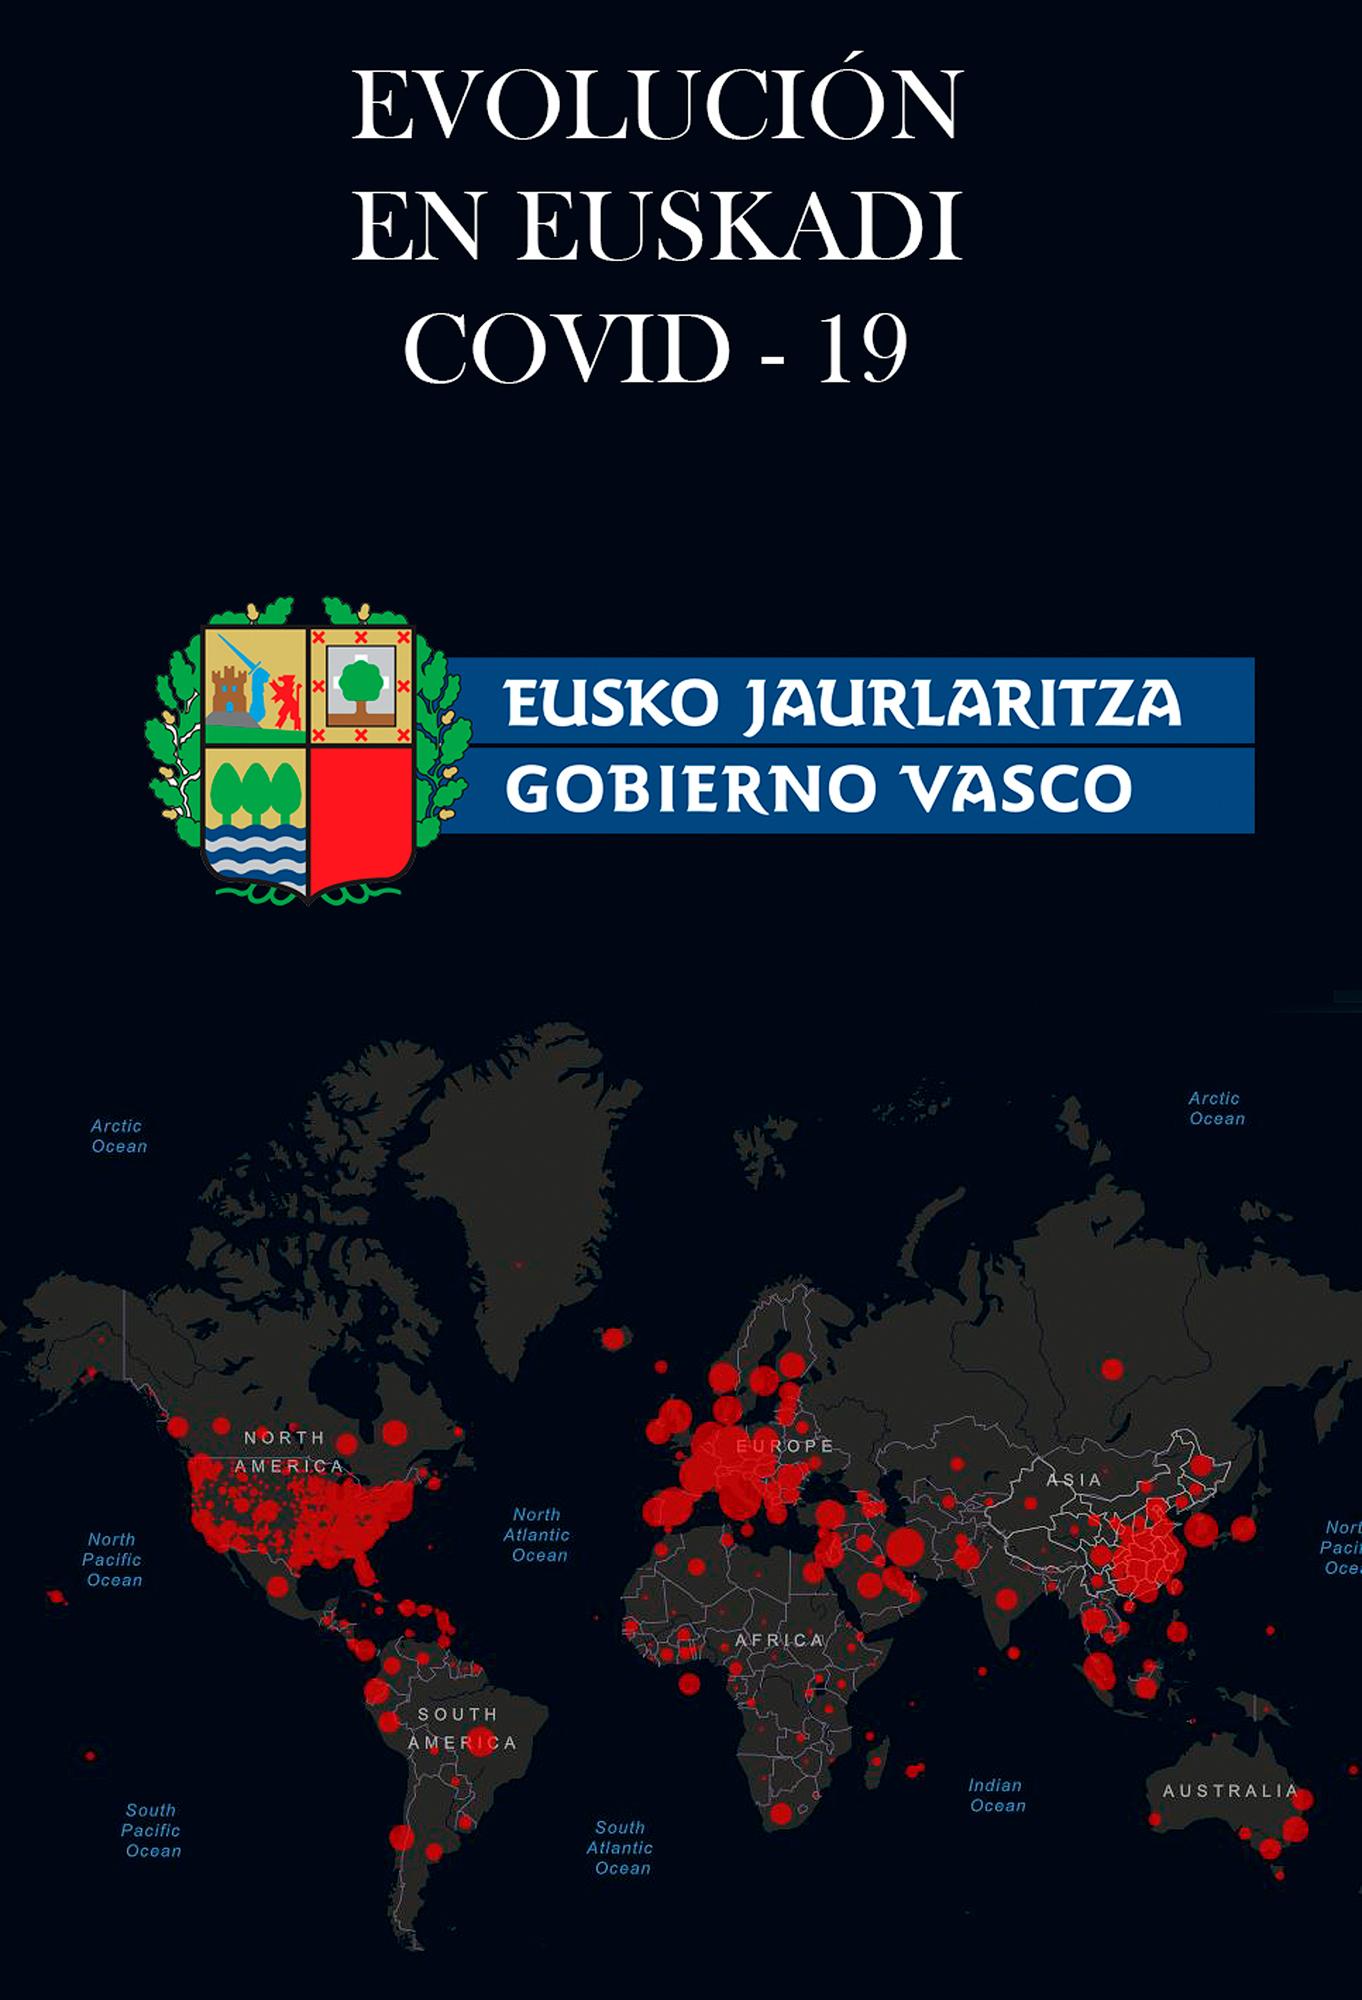 EVOLUCIÓN EN EUSKADI COVID-19